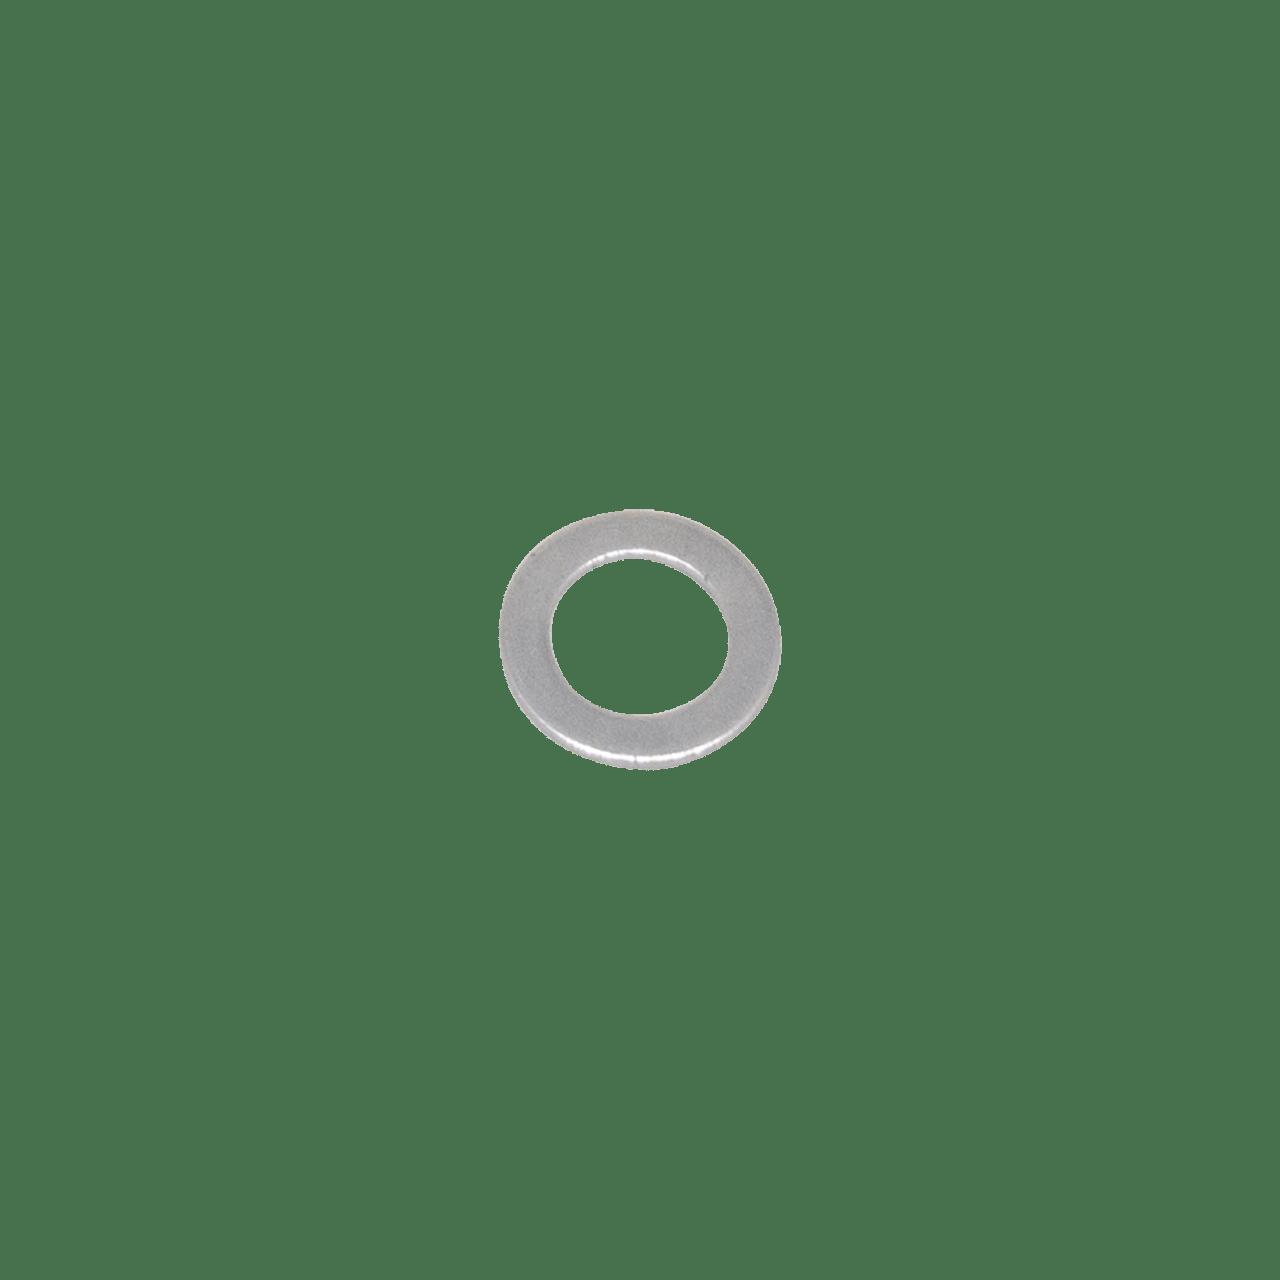 00496X --- Hydraulic Brake Line Narrow Rim Washer